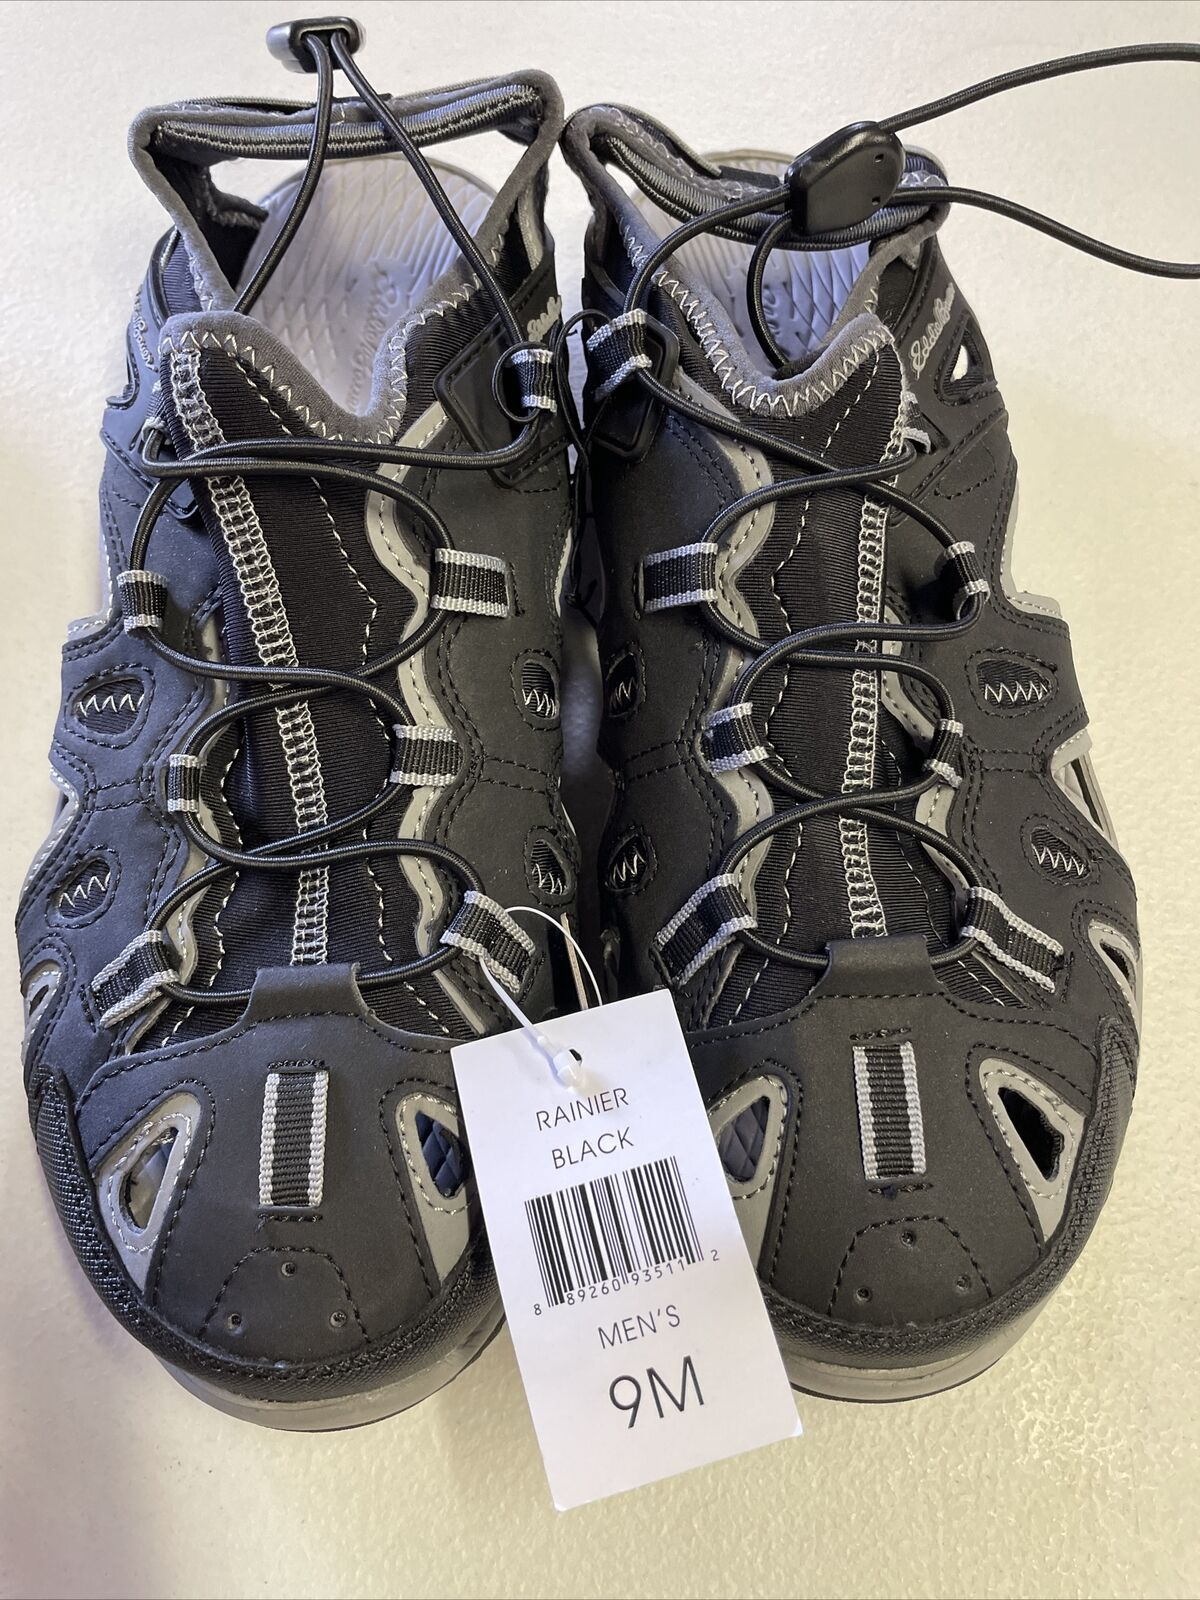 Eddie Bauer Men's Sandal Bump Toe Size 9 Black Rainier NEW